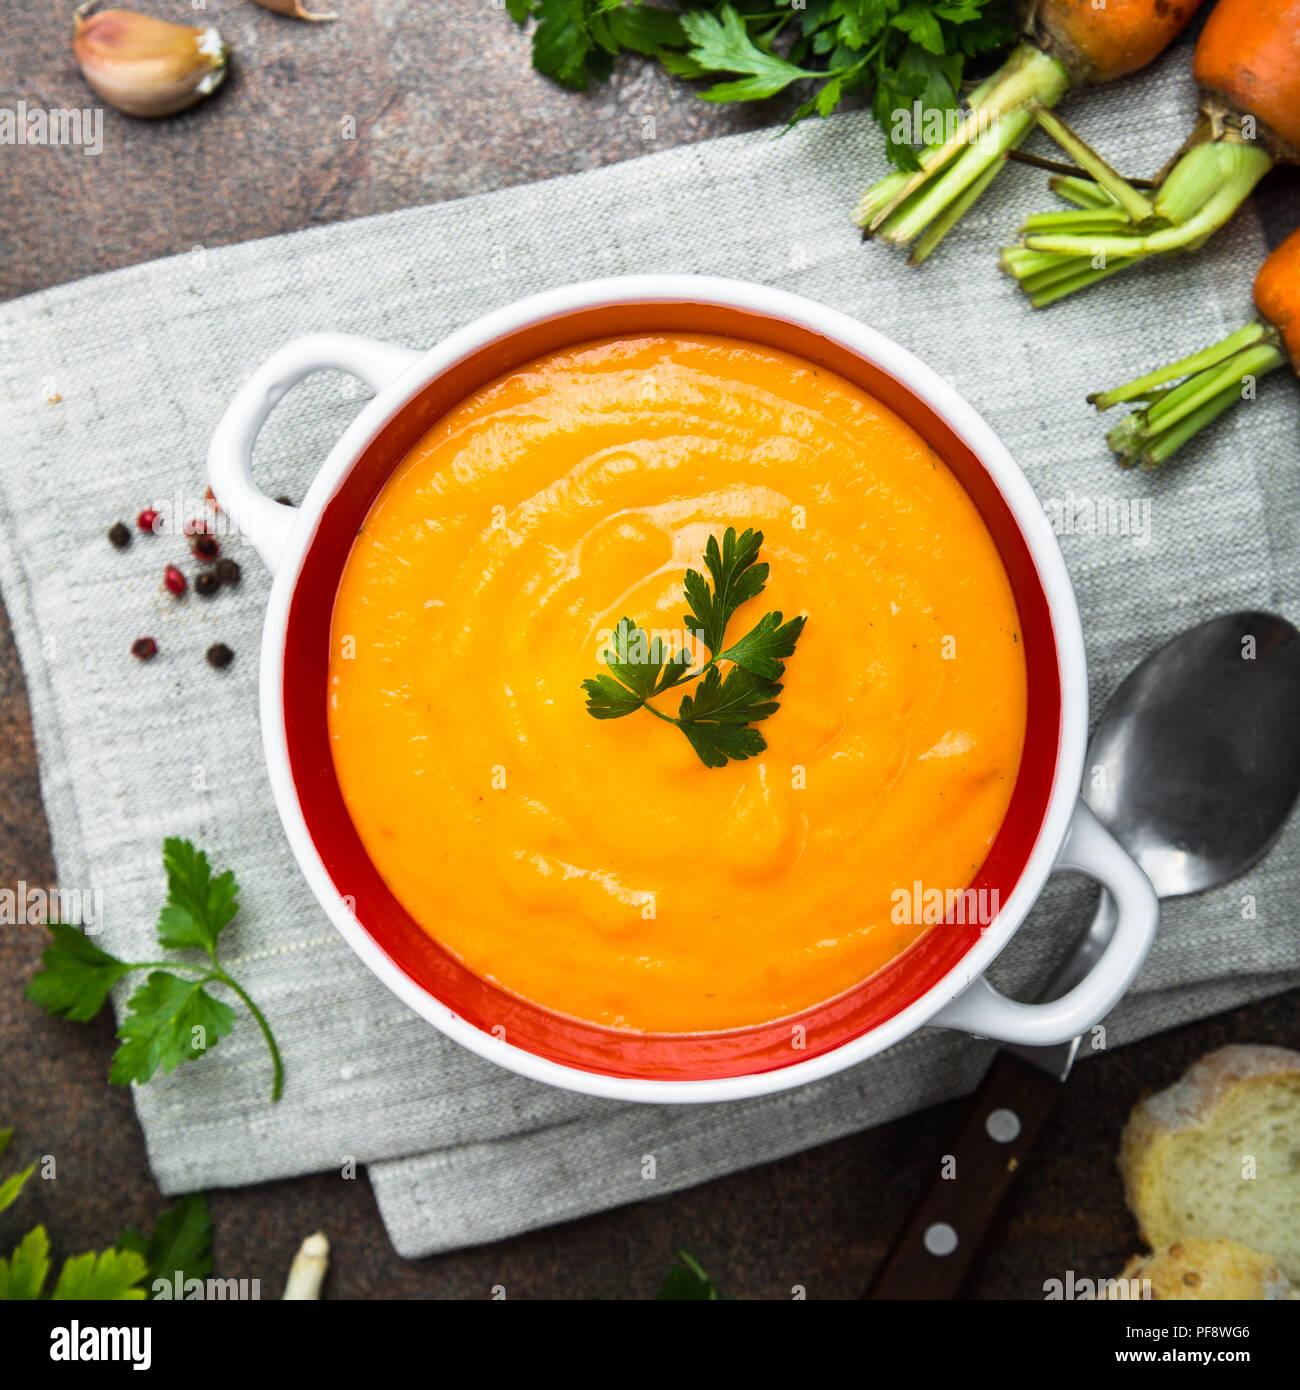 Crème de carotte-soupe sur pierre sombre tableau. Soupe de légumes végétarien. Vue d'en haut. Square. Photo Stock